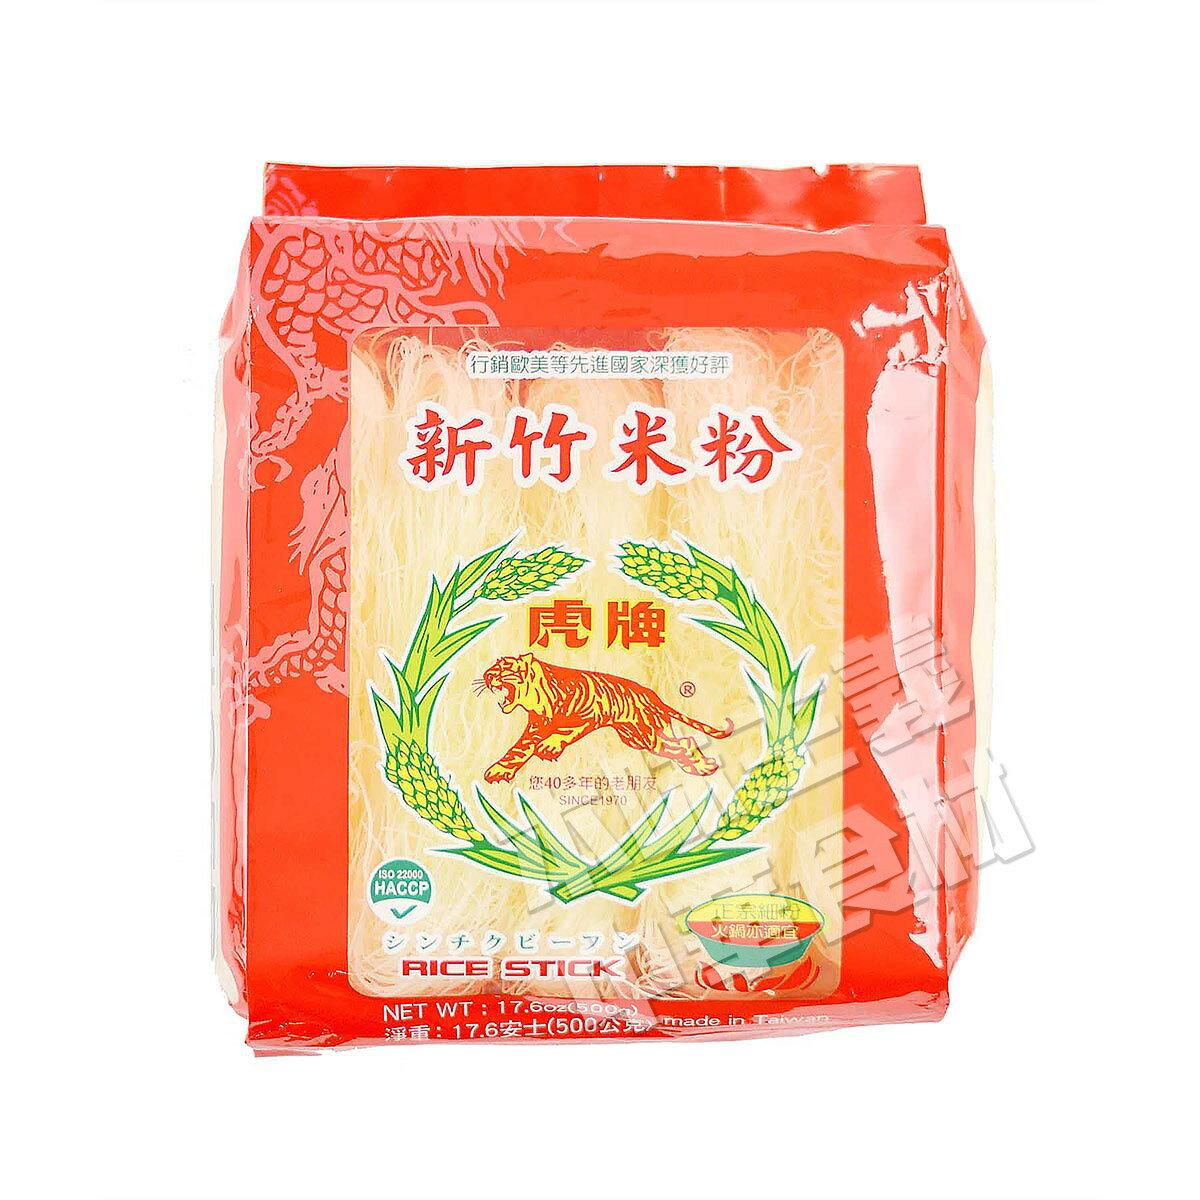 台湾虎牌新竹伝統米粉((細麺タイプビーフン)中華料理食材名物・台湾風味人気商品・台湾名産